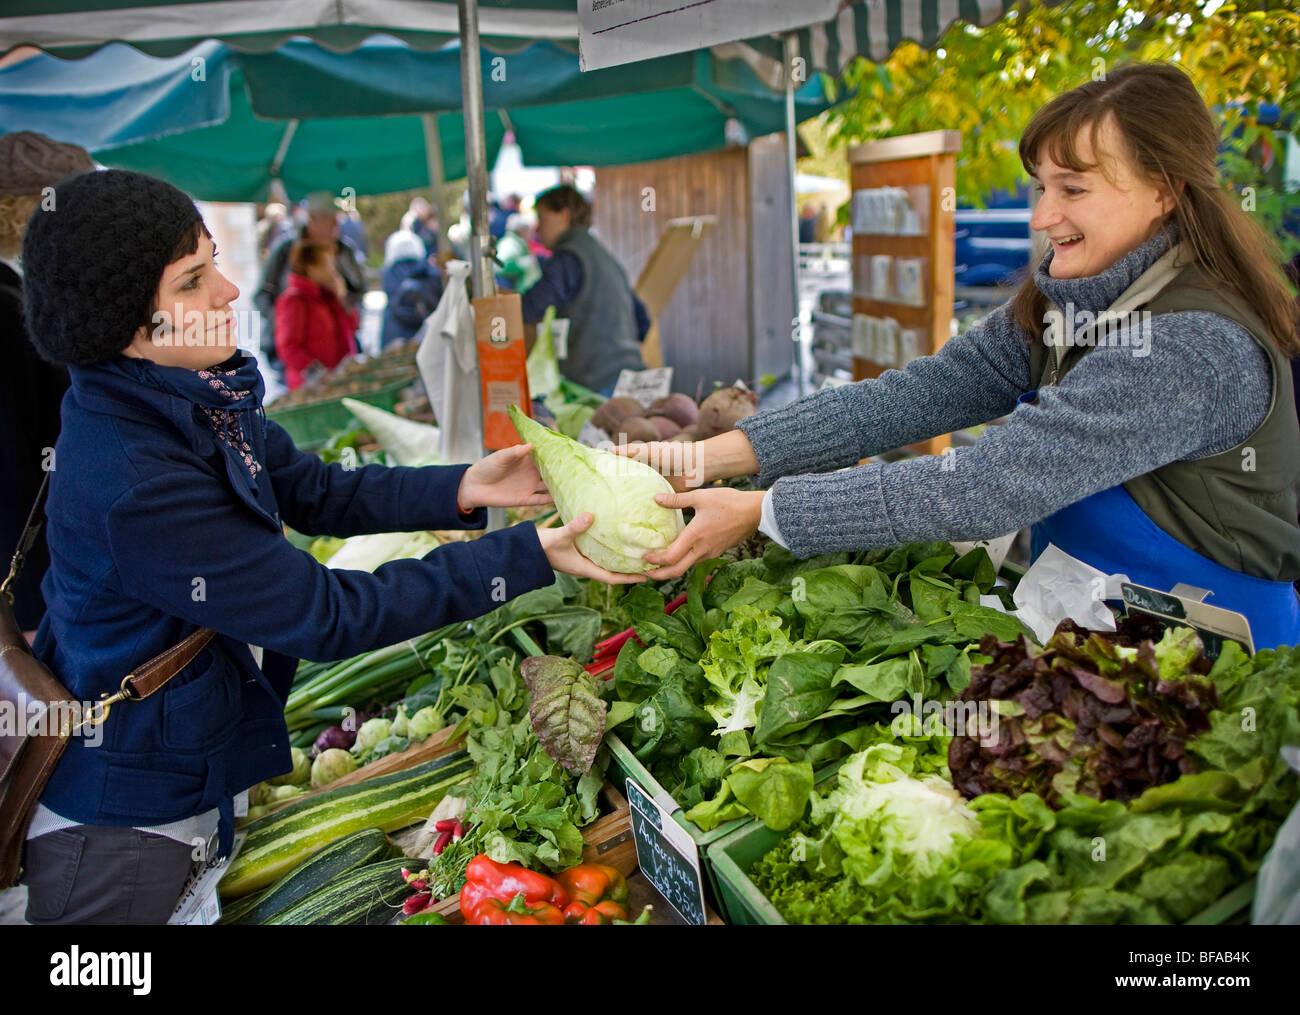 Eine junge Frau kaufen Gemüse auf einem Bauernmarkt, Berlin, Deutschland Stockbild